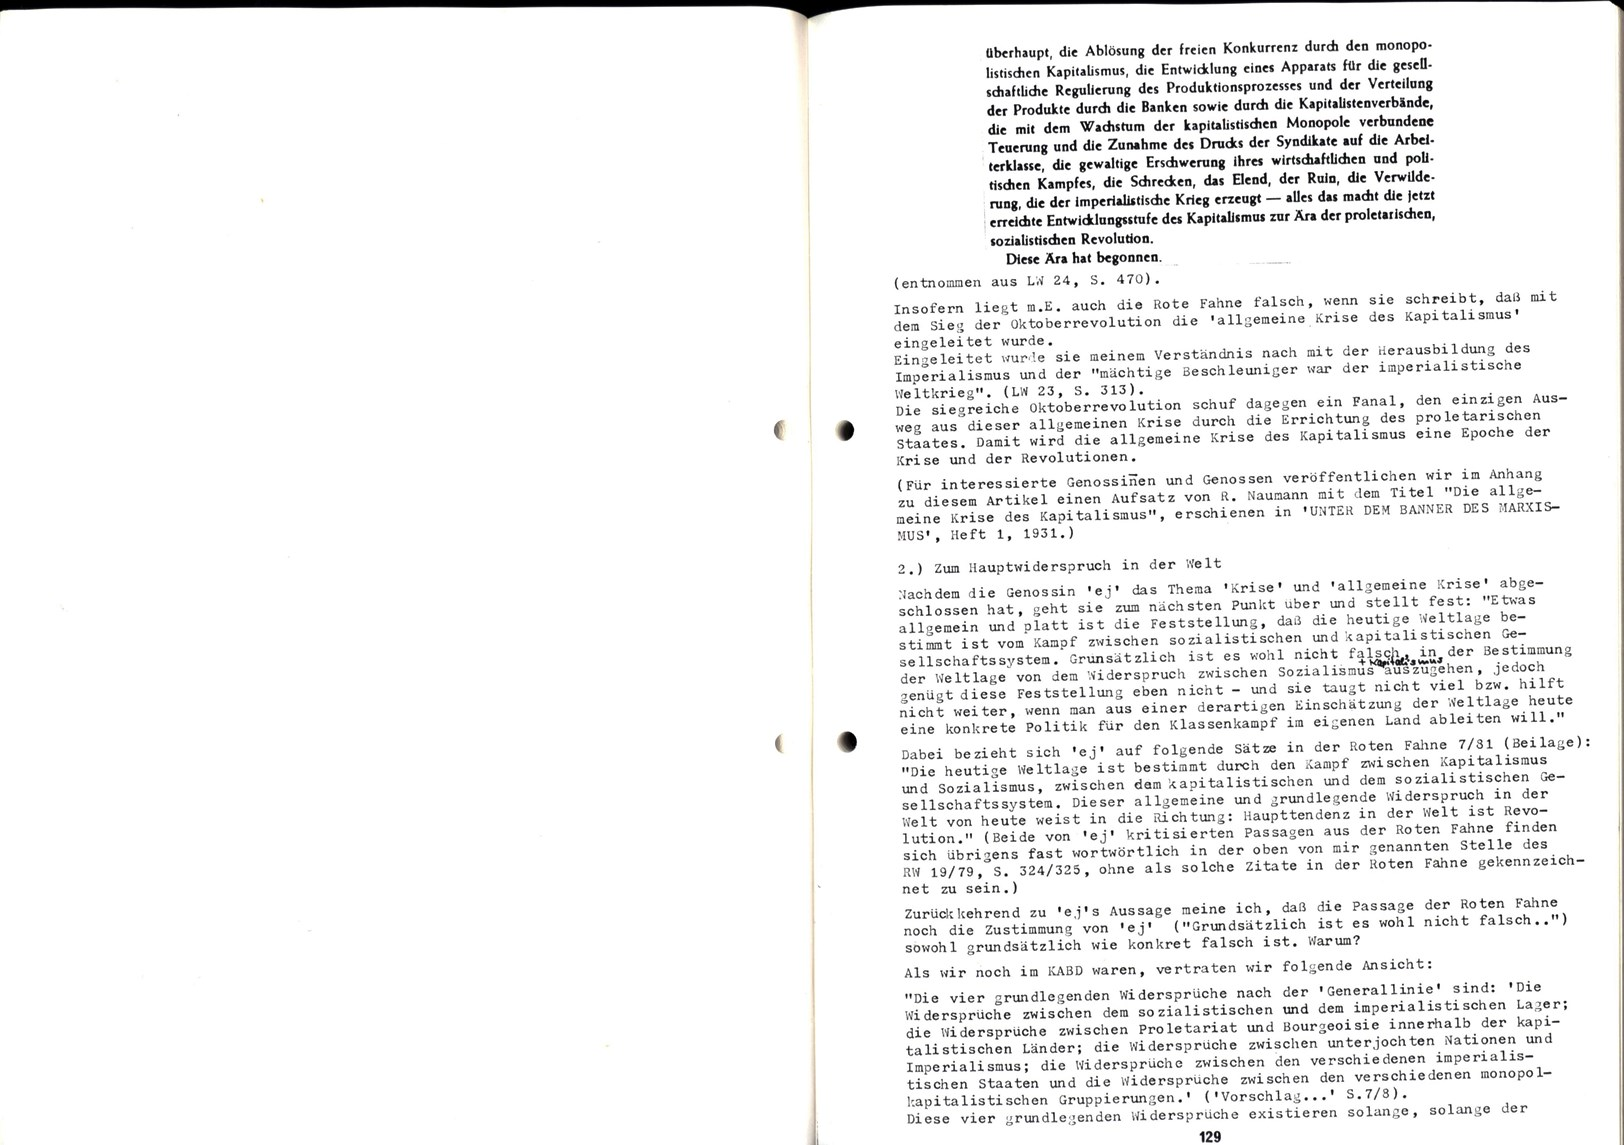 Ulm_KKU_19820118_007_116